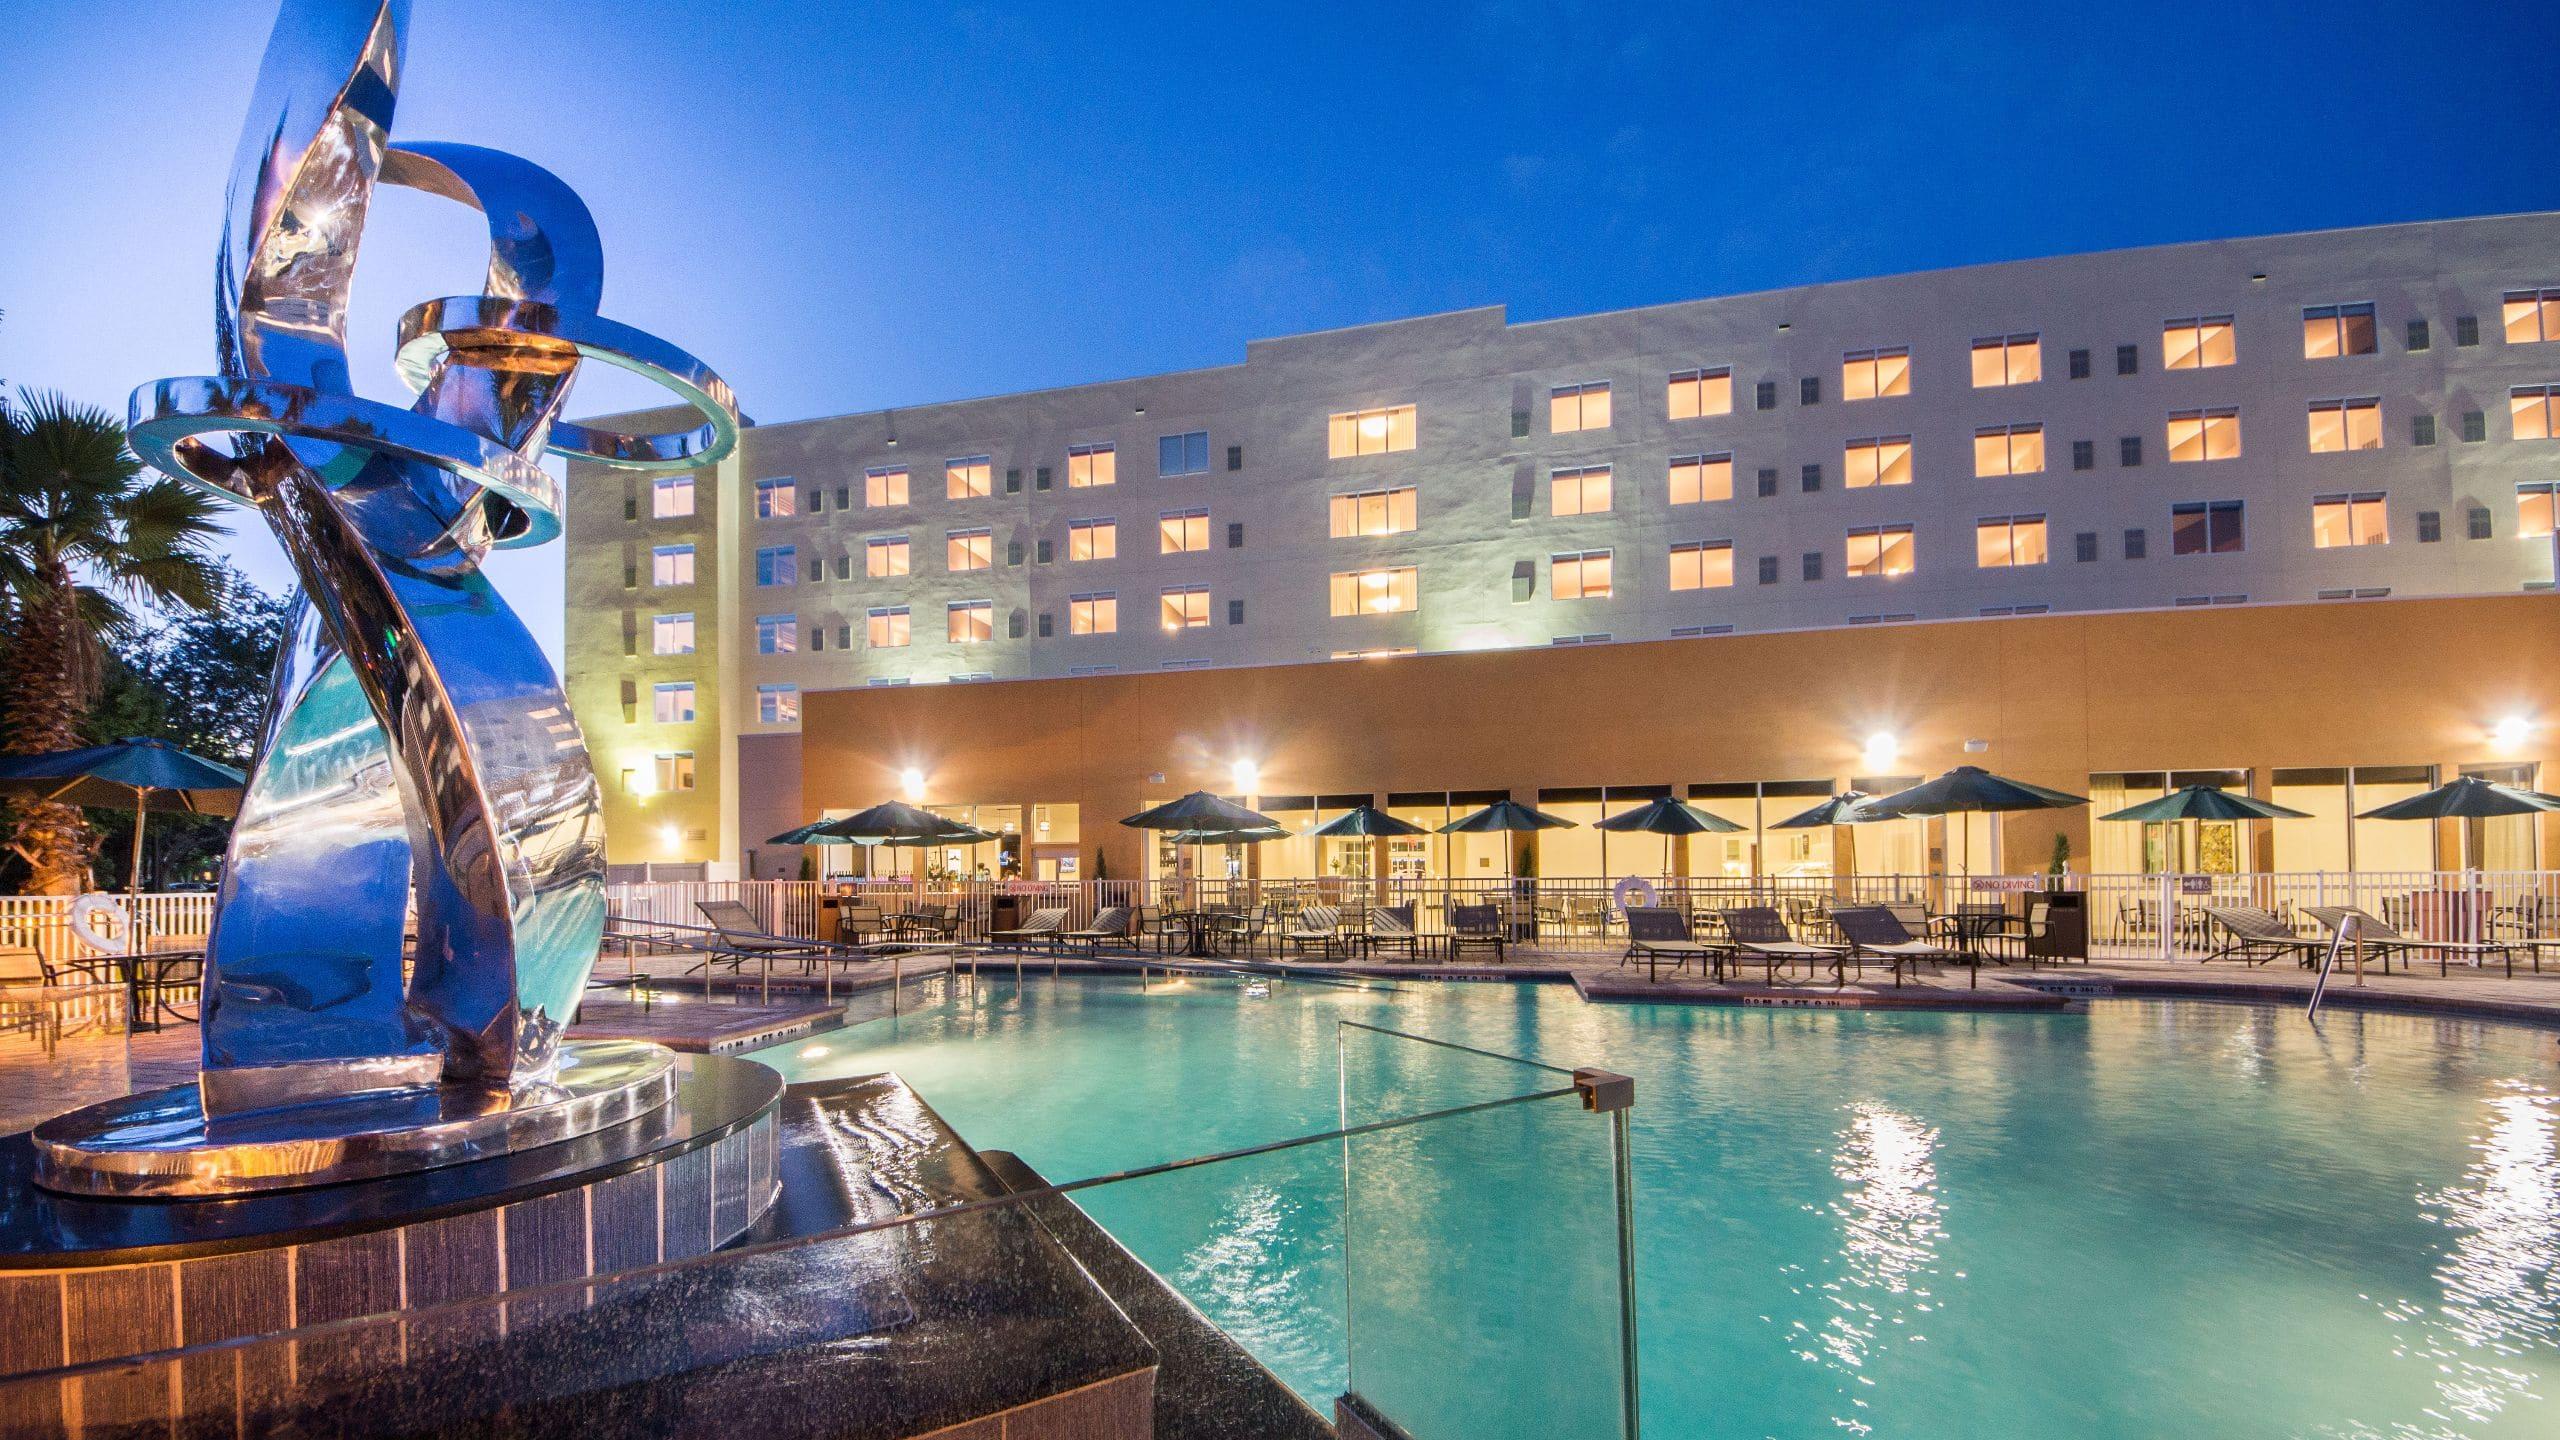 Disney Good Neighbor Hotel in Orlando, FL | Hyatt Place ... on hard rock hotel universal studios orlando, lazy river hyatt regency orlando, grand hyatt orlando, map of vegas hotels hyatt, disney hotels orlando,